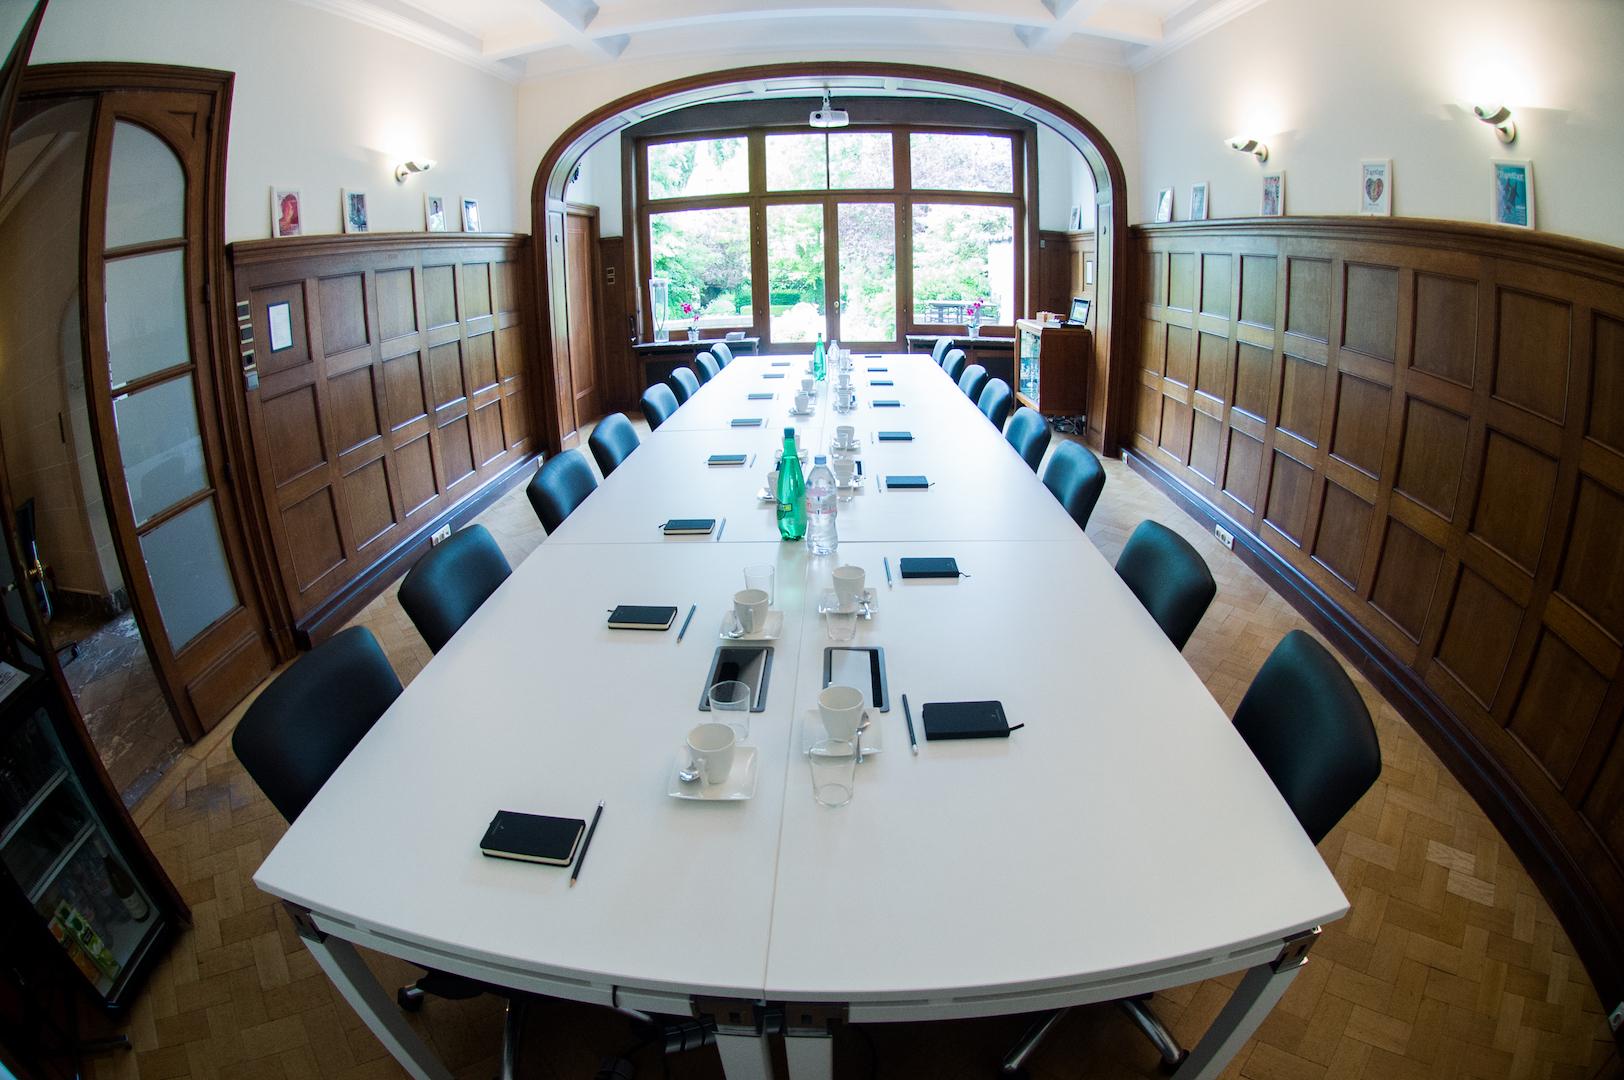 Garden room - Grande salle de conseil surplombant le jardin, équipée avec tous les équipements de conferencing.